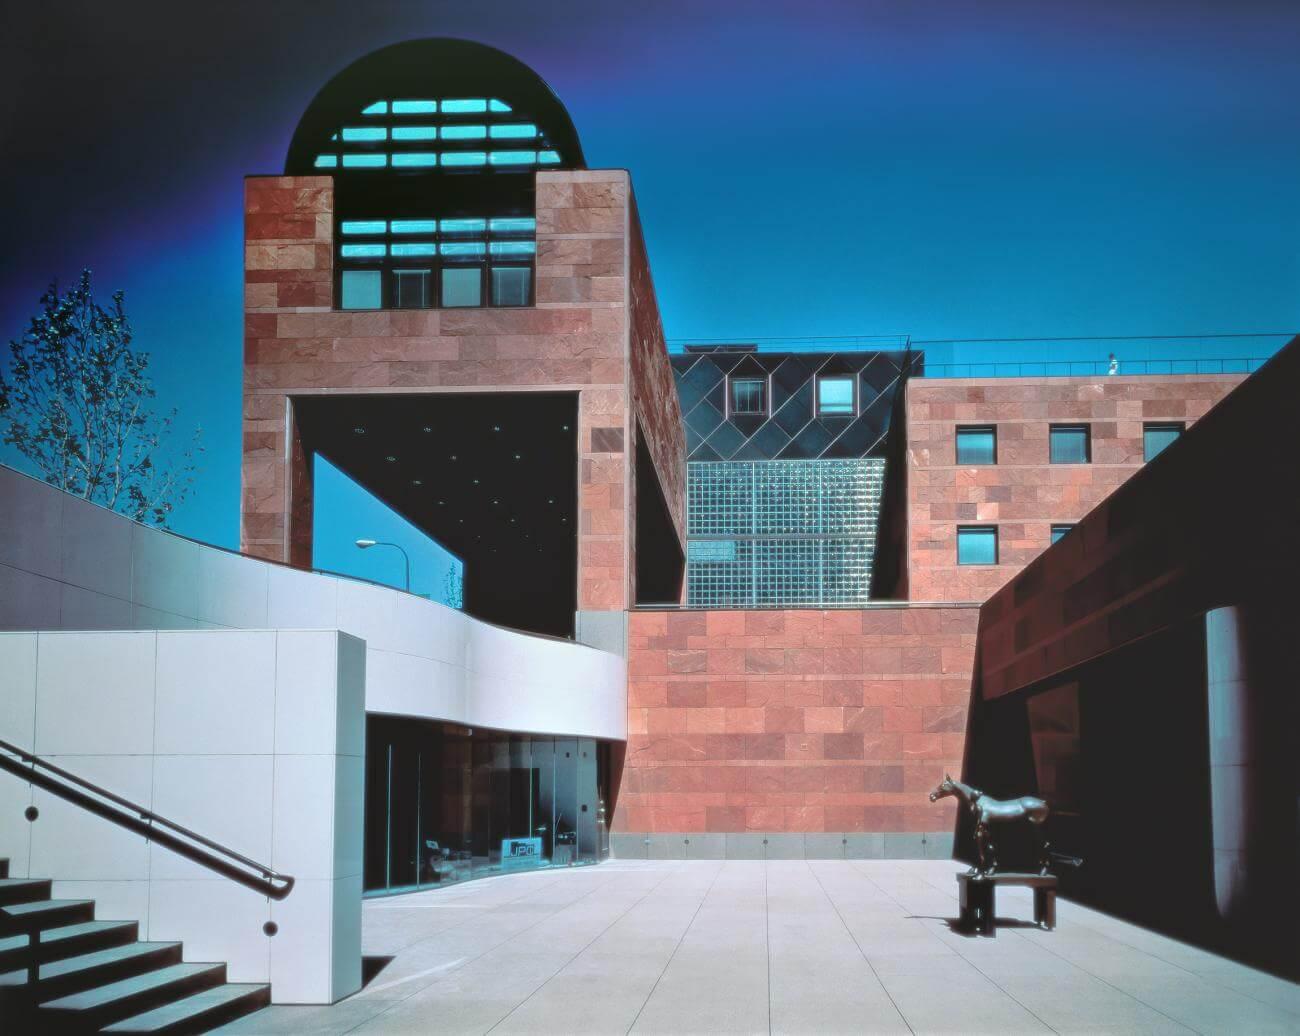 2019 年普利兹克建筑奖公布,日本建筑大师矶崎新获得了这一殊荣